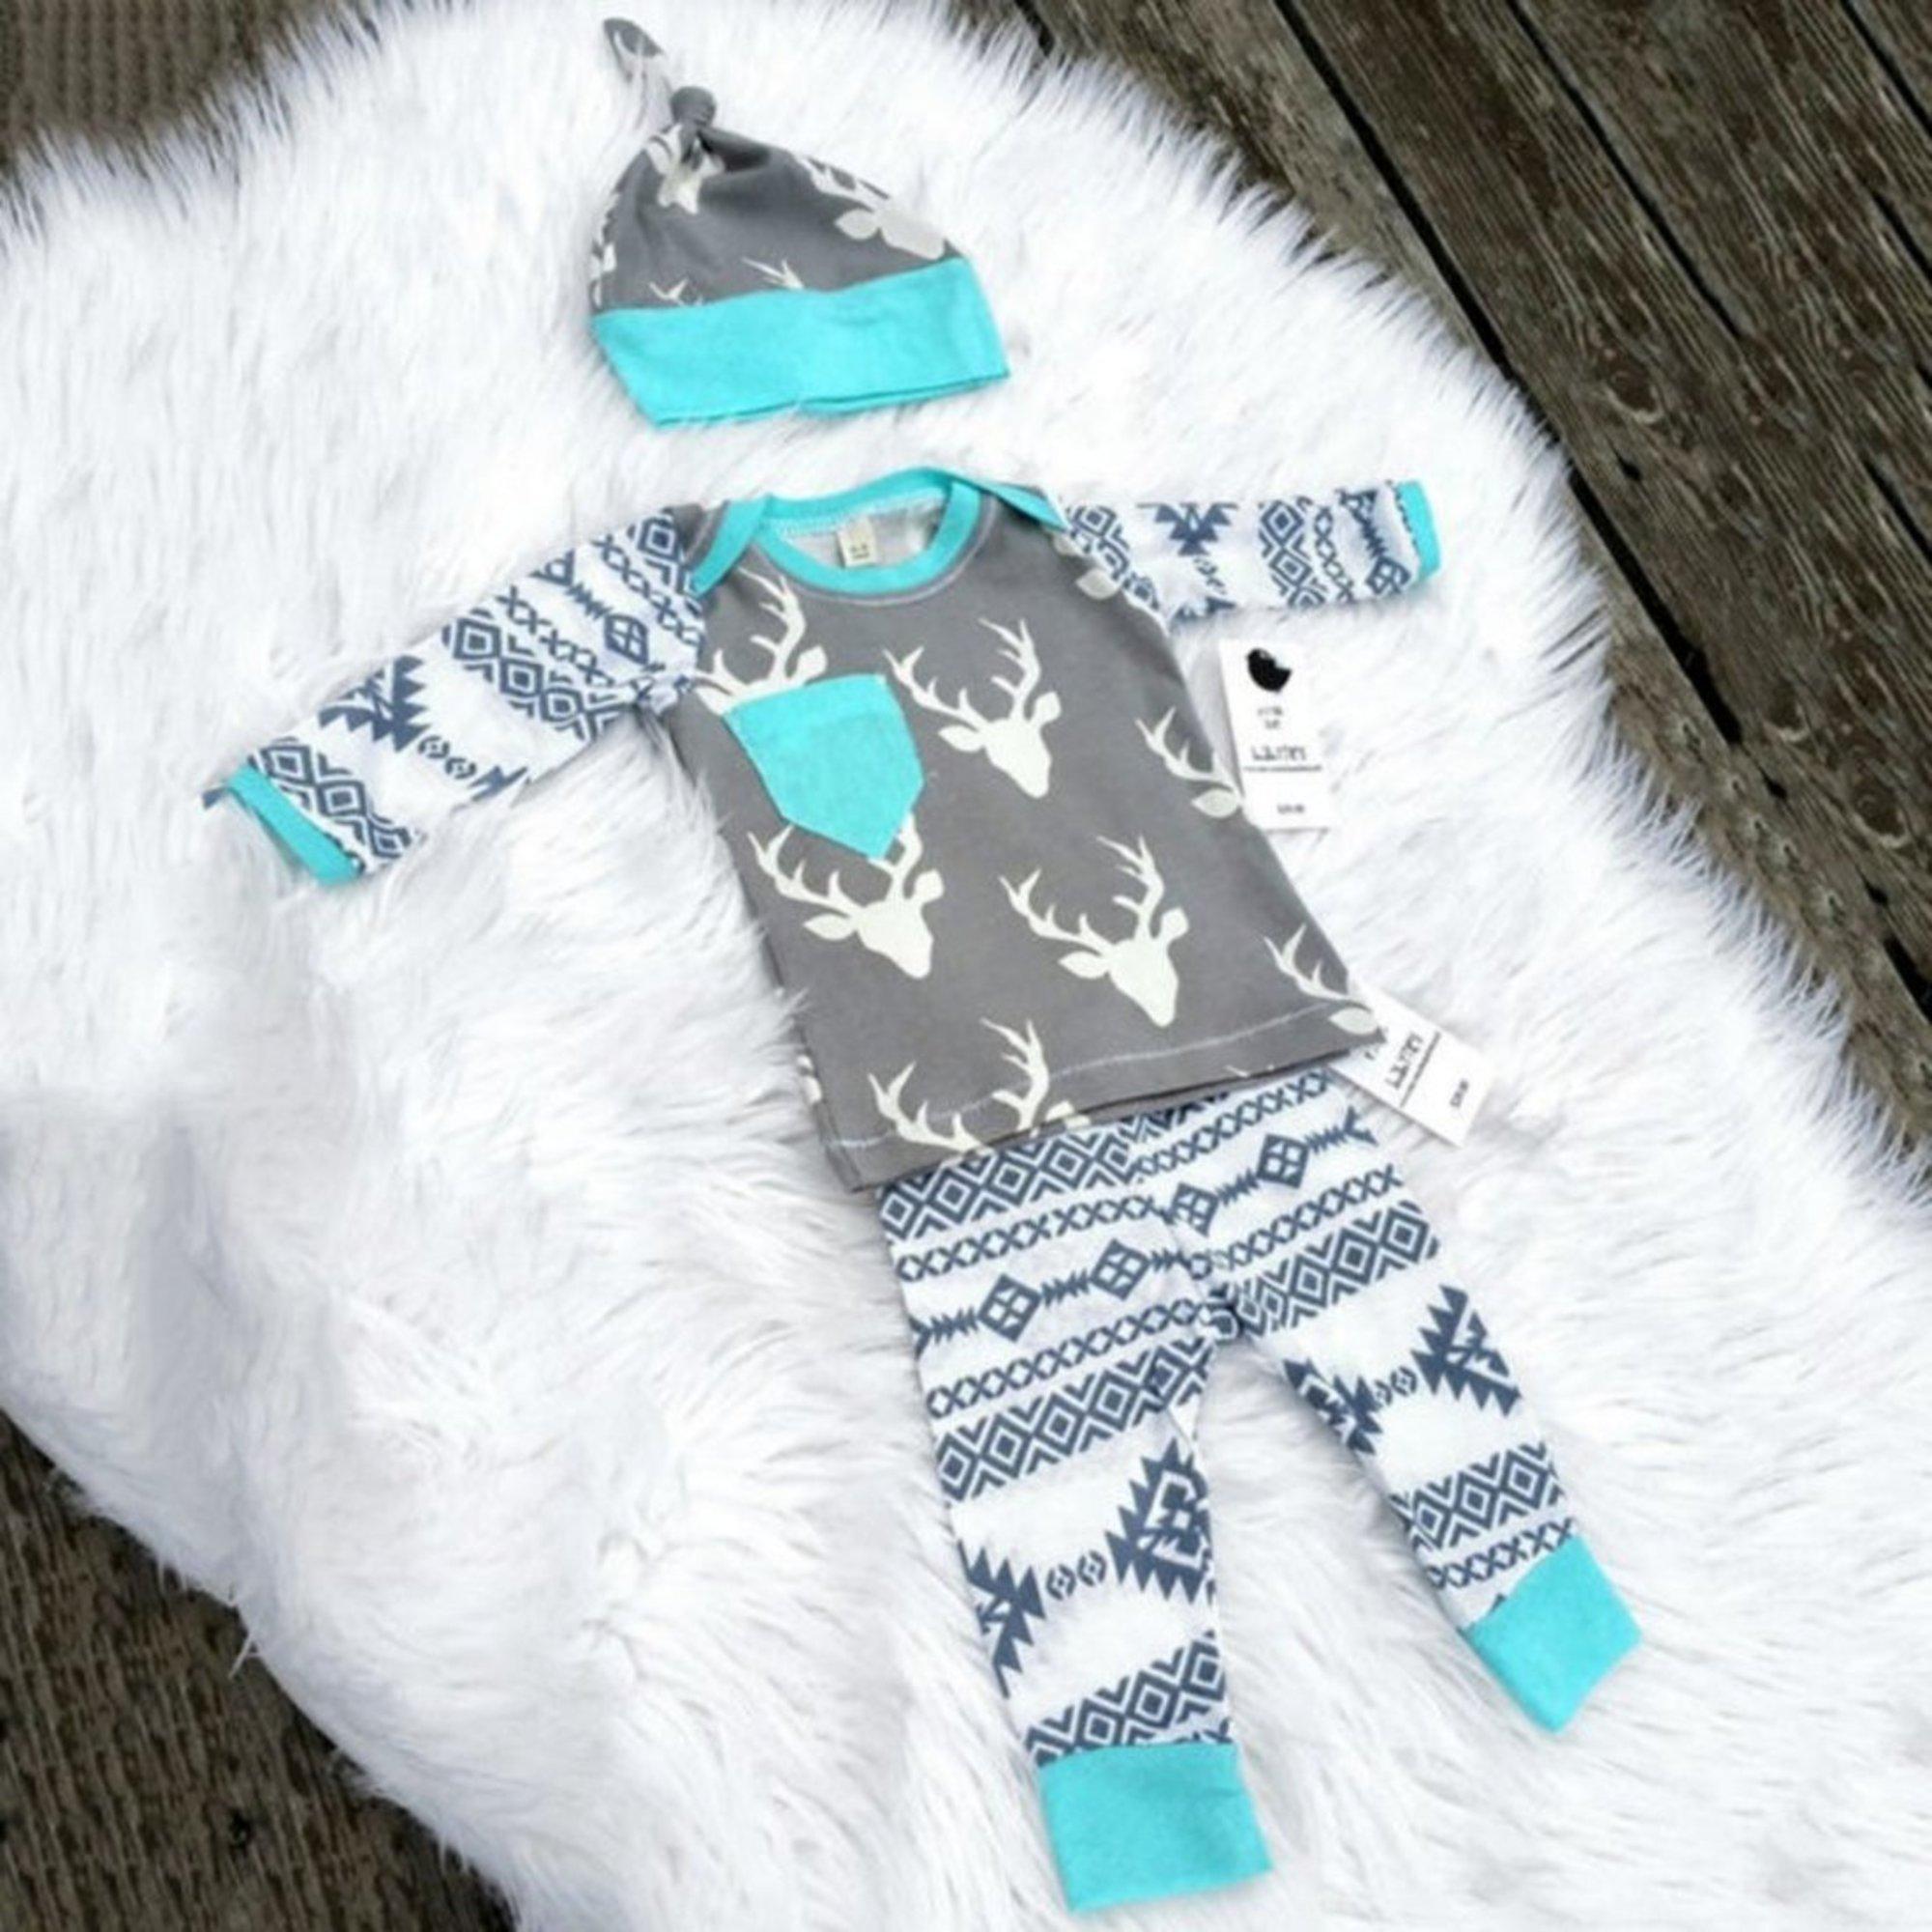 Baby-Outfit 3-teilig mit Winter-Motiven | Hirsch